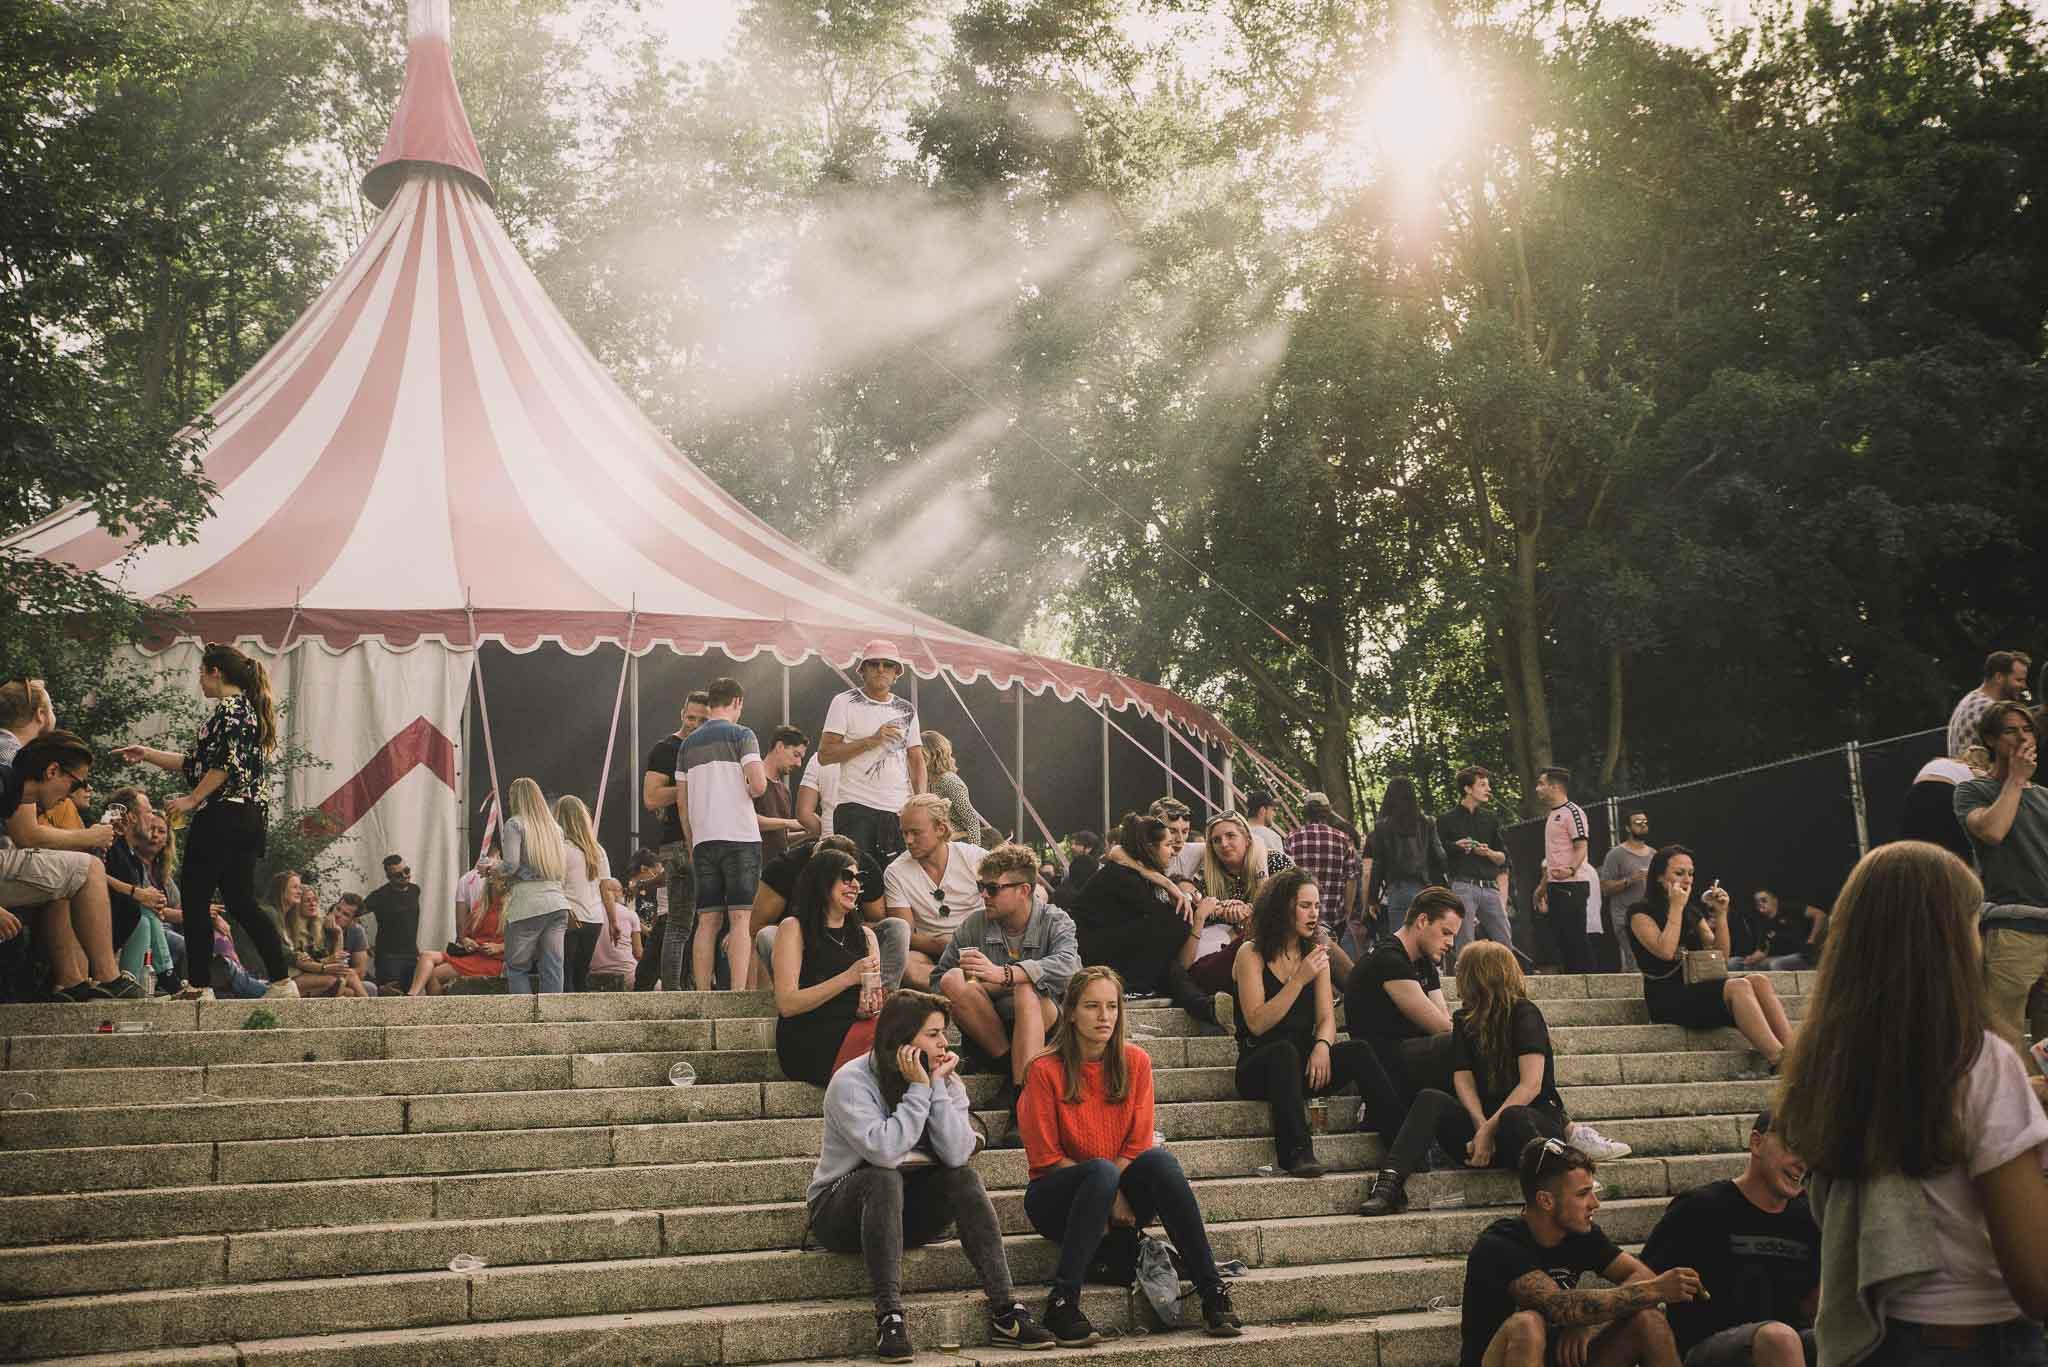 festival009.jpg